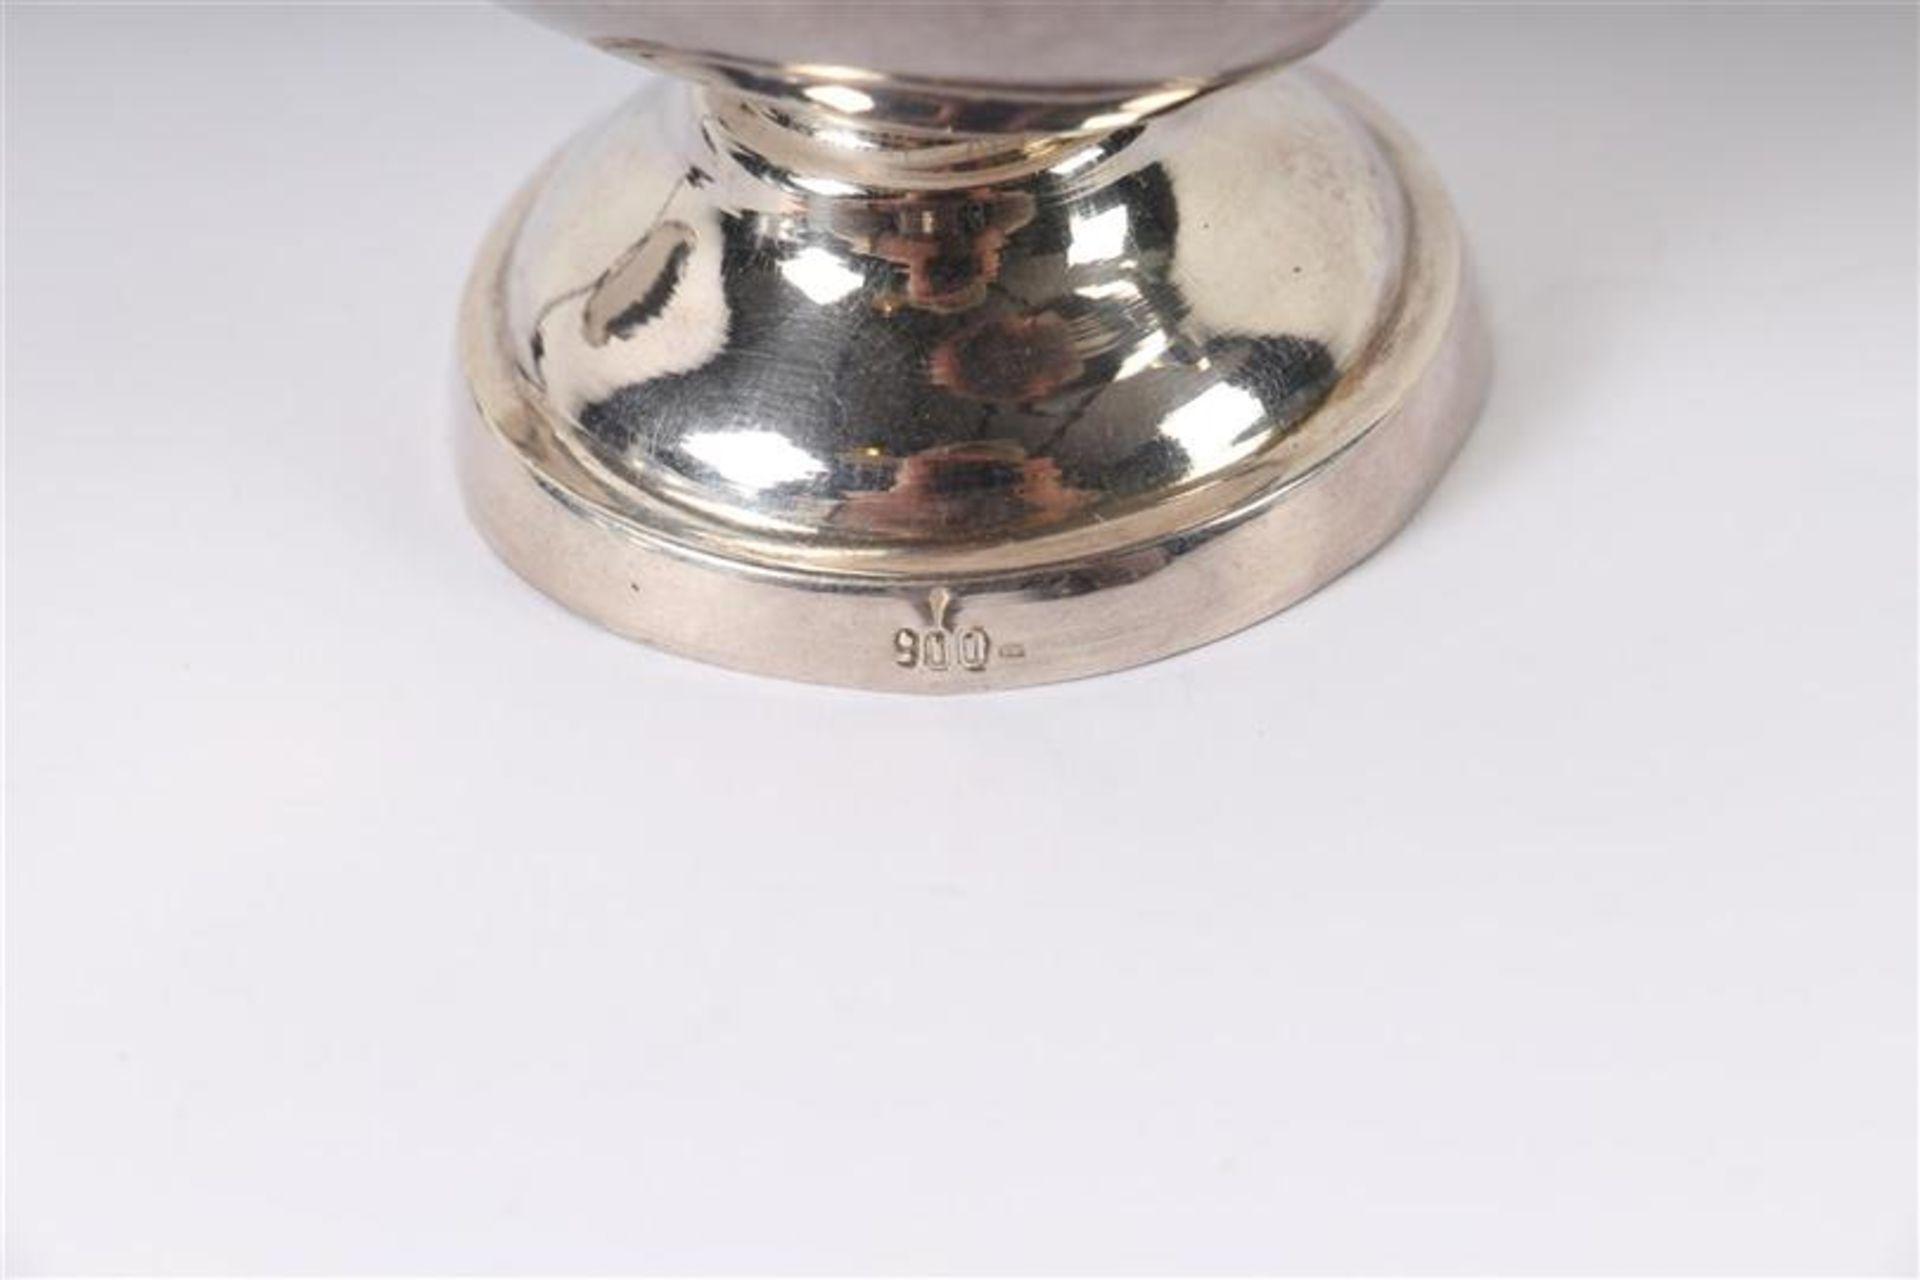 Los 26 - Zilveren dienblaadje met geschulpte rand, een kaarsendover en een olielampje, alle Hollands gekeurd.